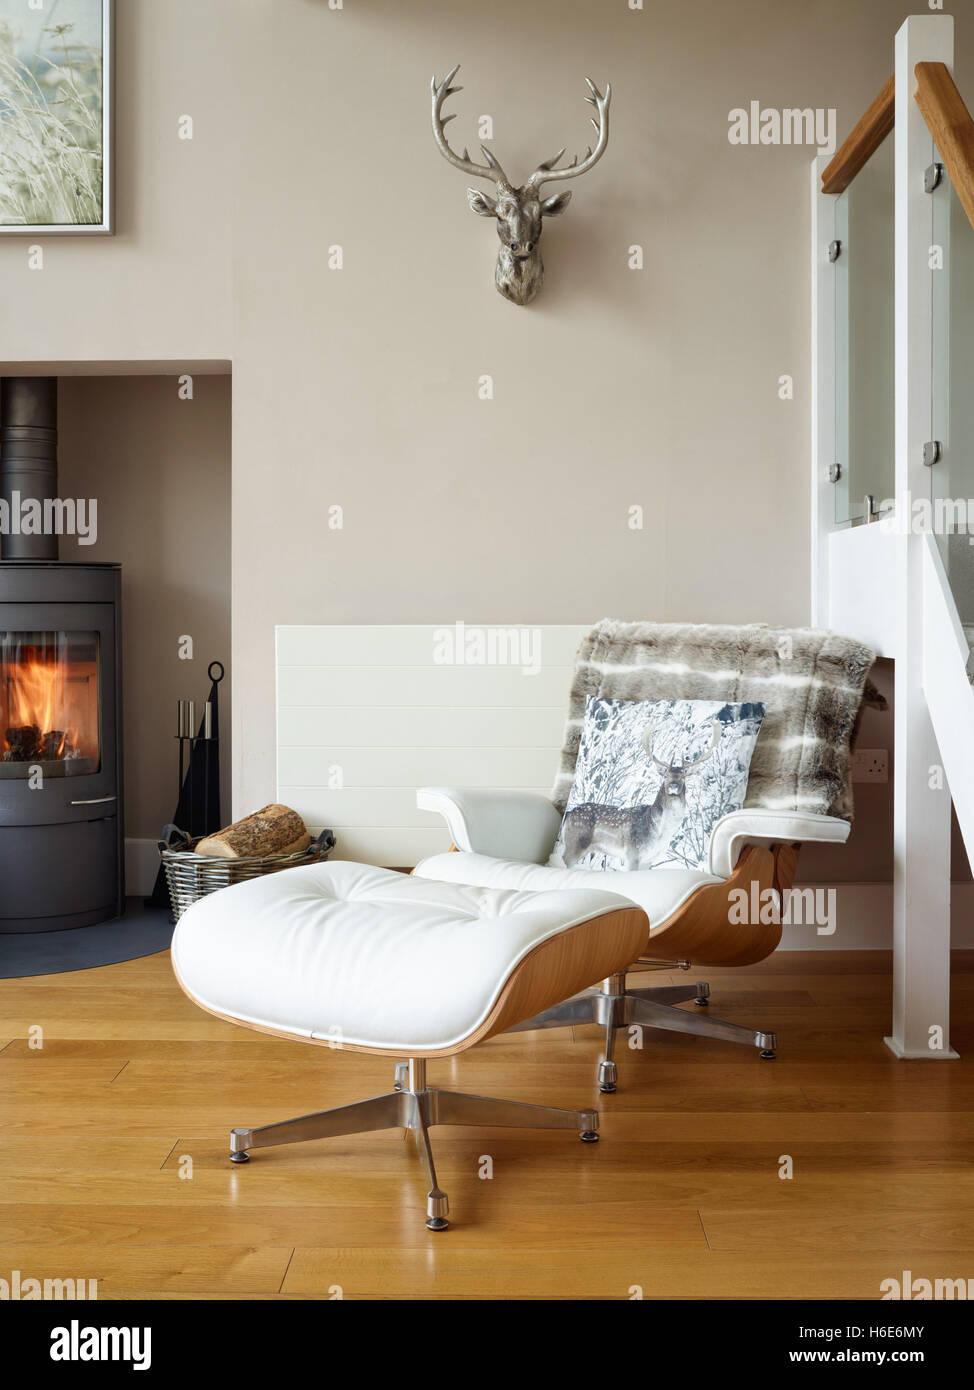 Lieblich Eine Ikonische Eames Style Leder Sessel U0026 Hocker In Einem Komfortablen  Wohnzimmer Mit Holzofen Stockbild